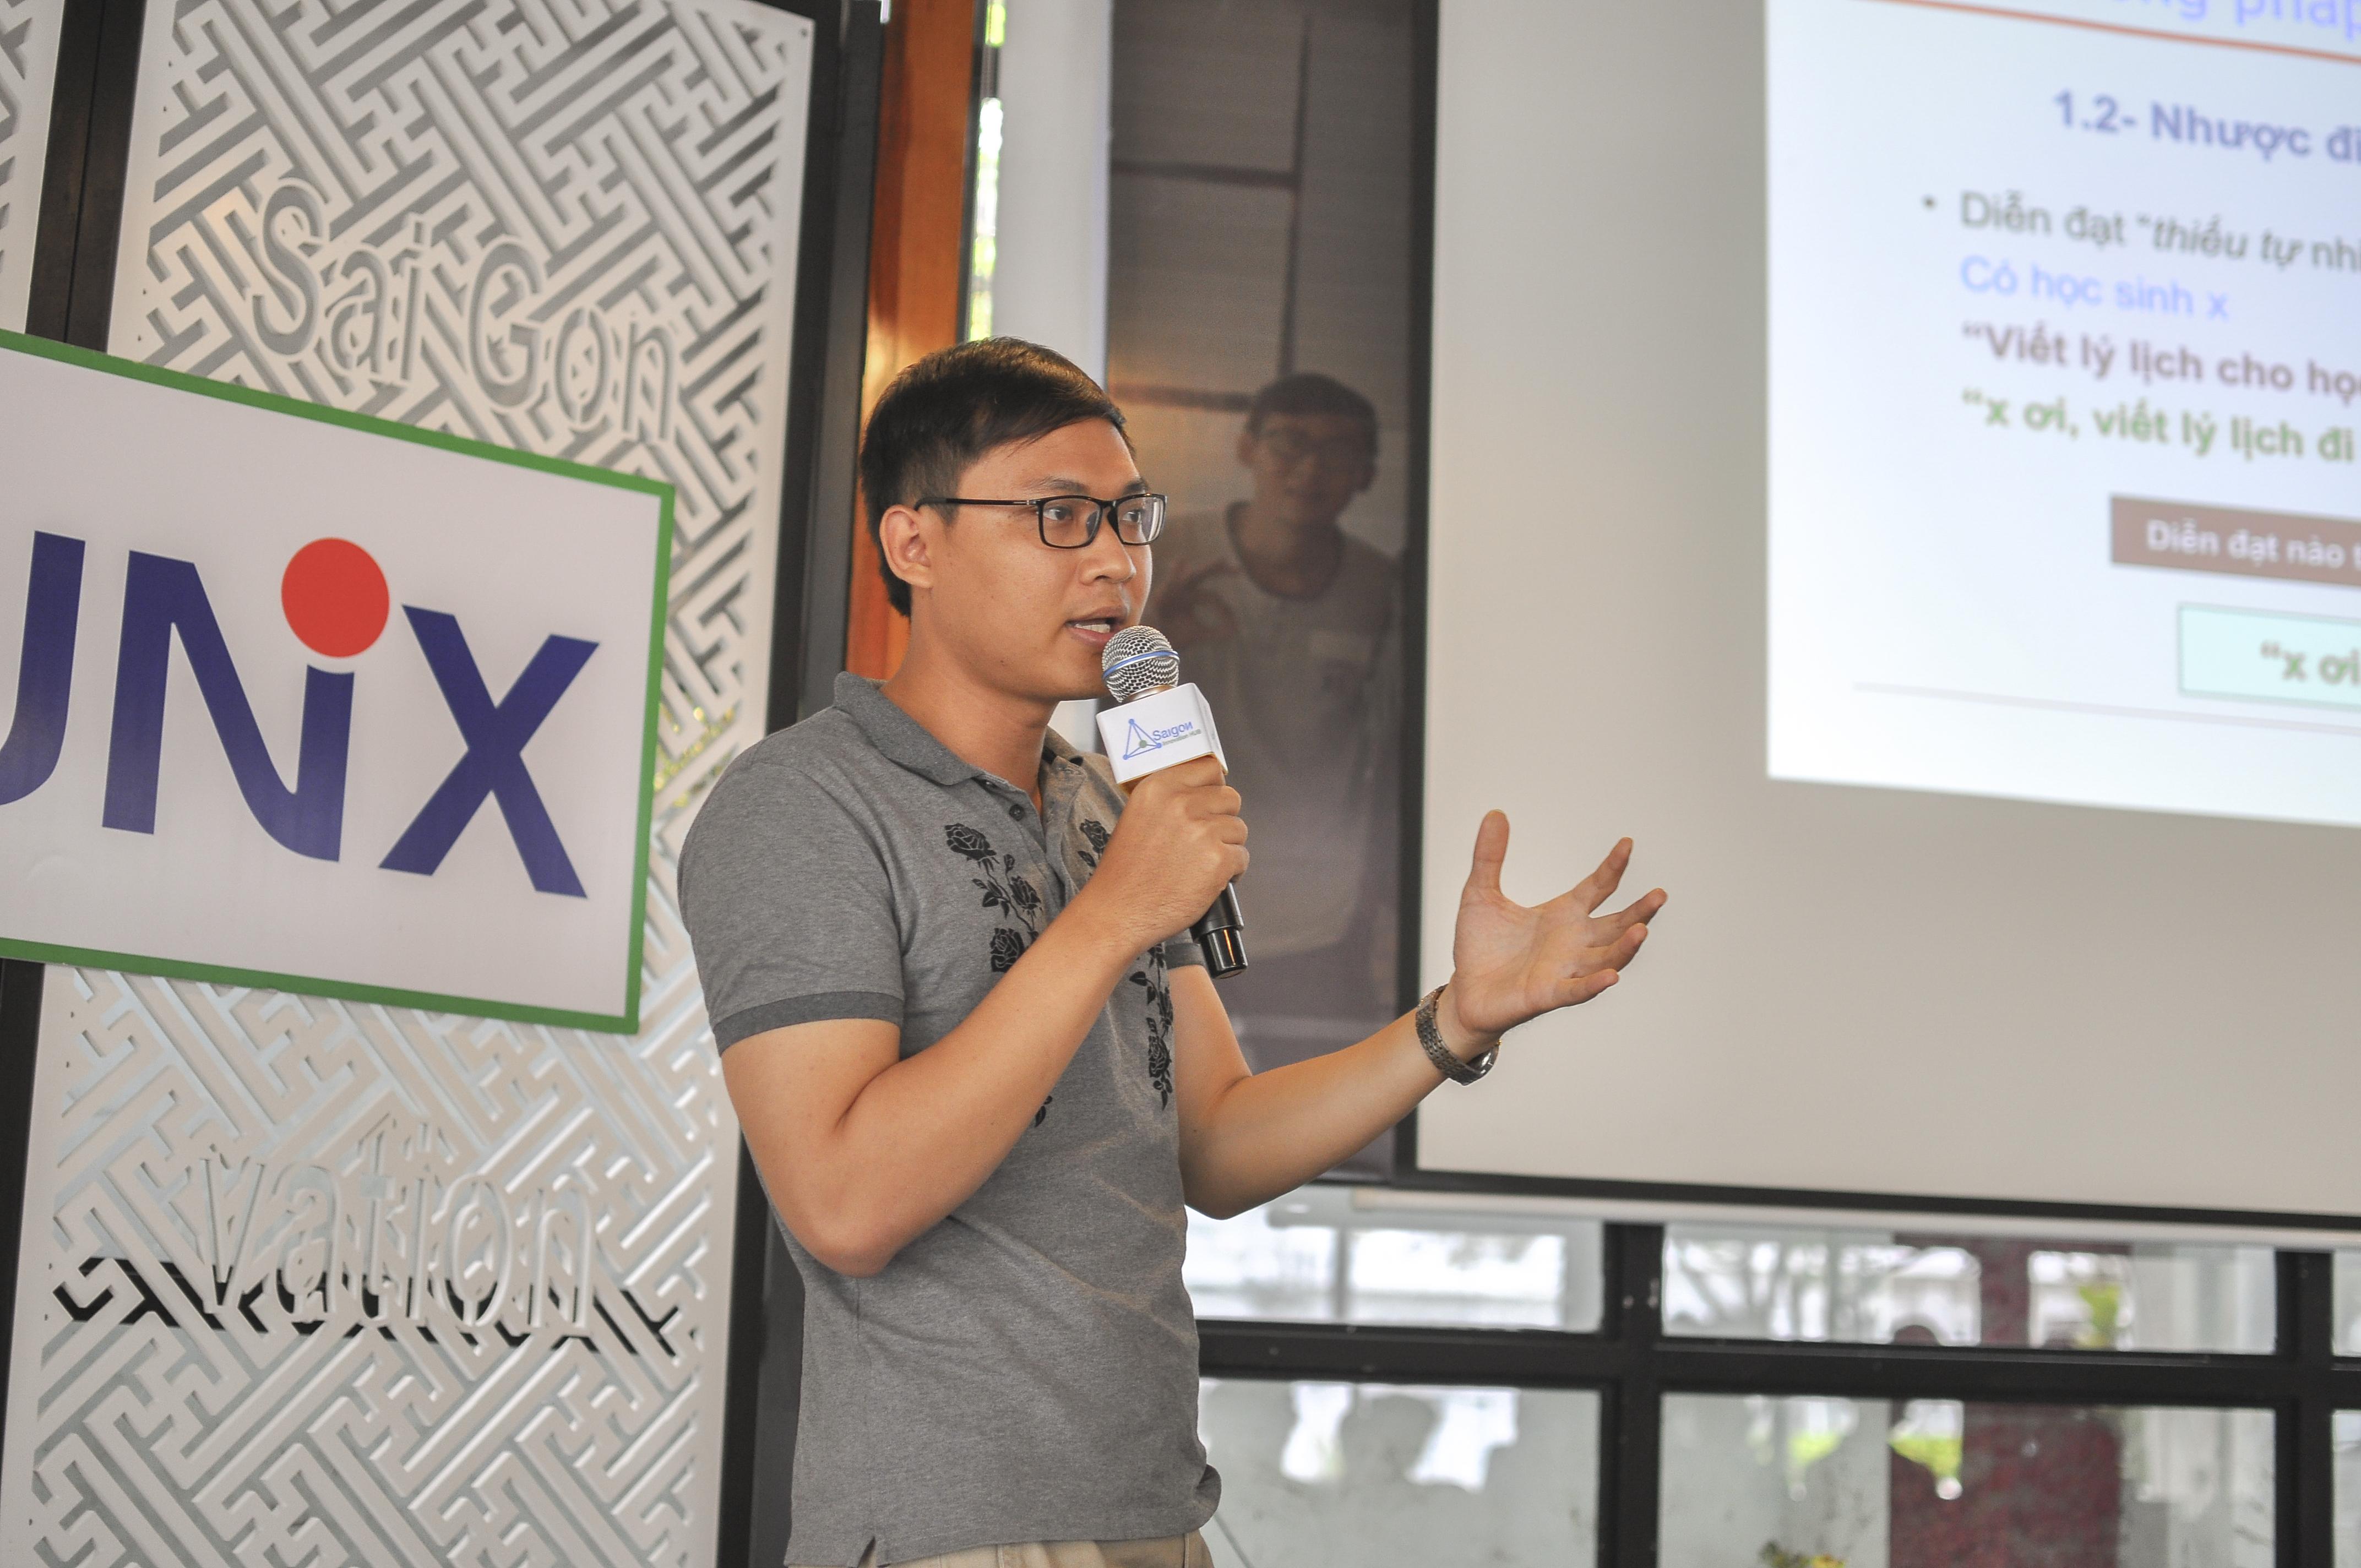 diễn giả networking - mentor Trần Mạnh Linh